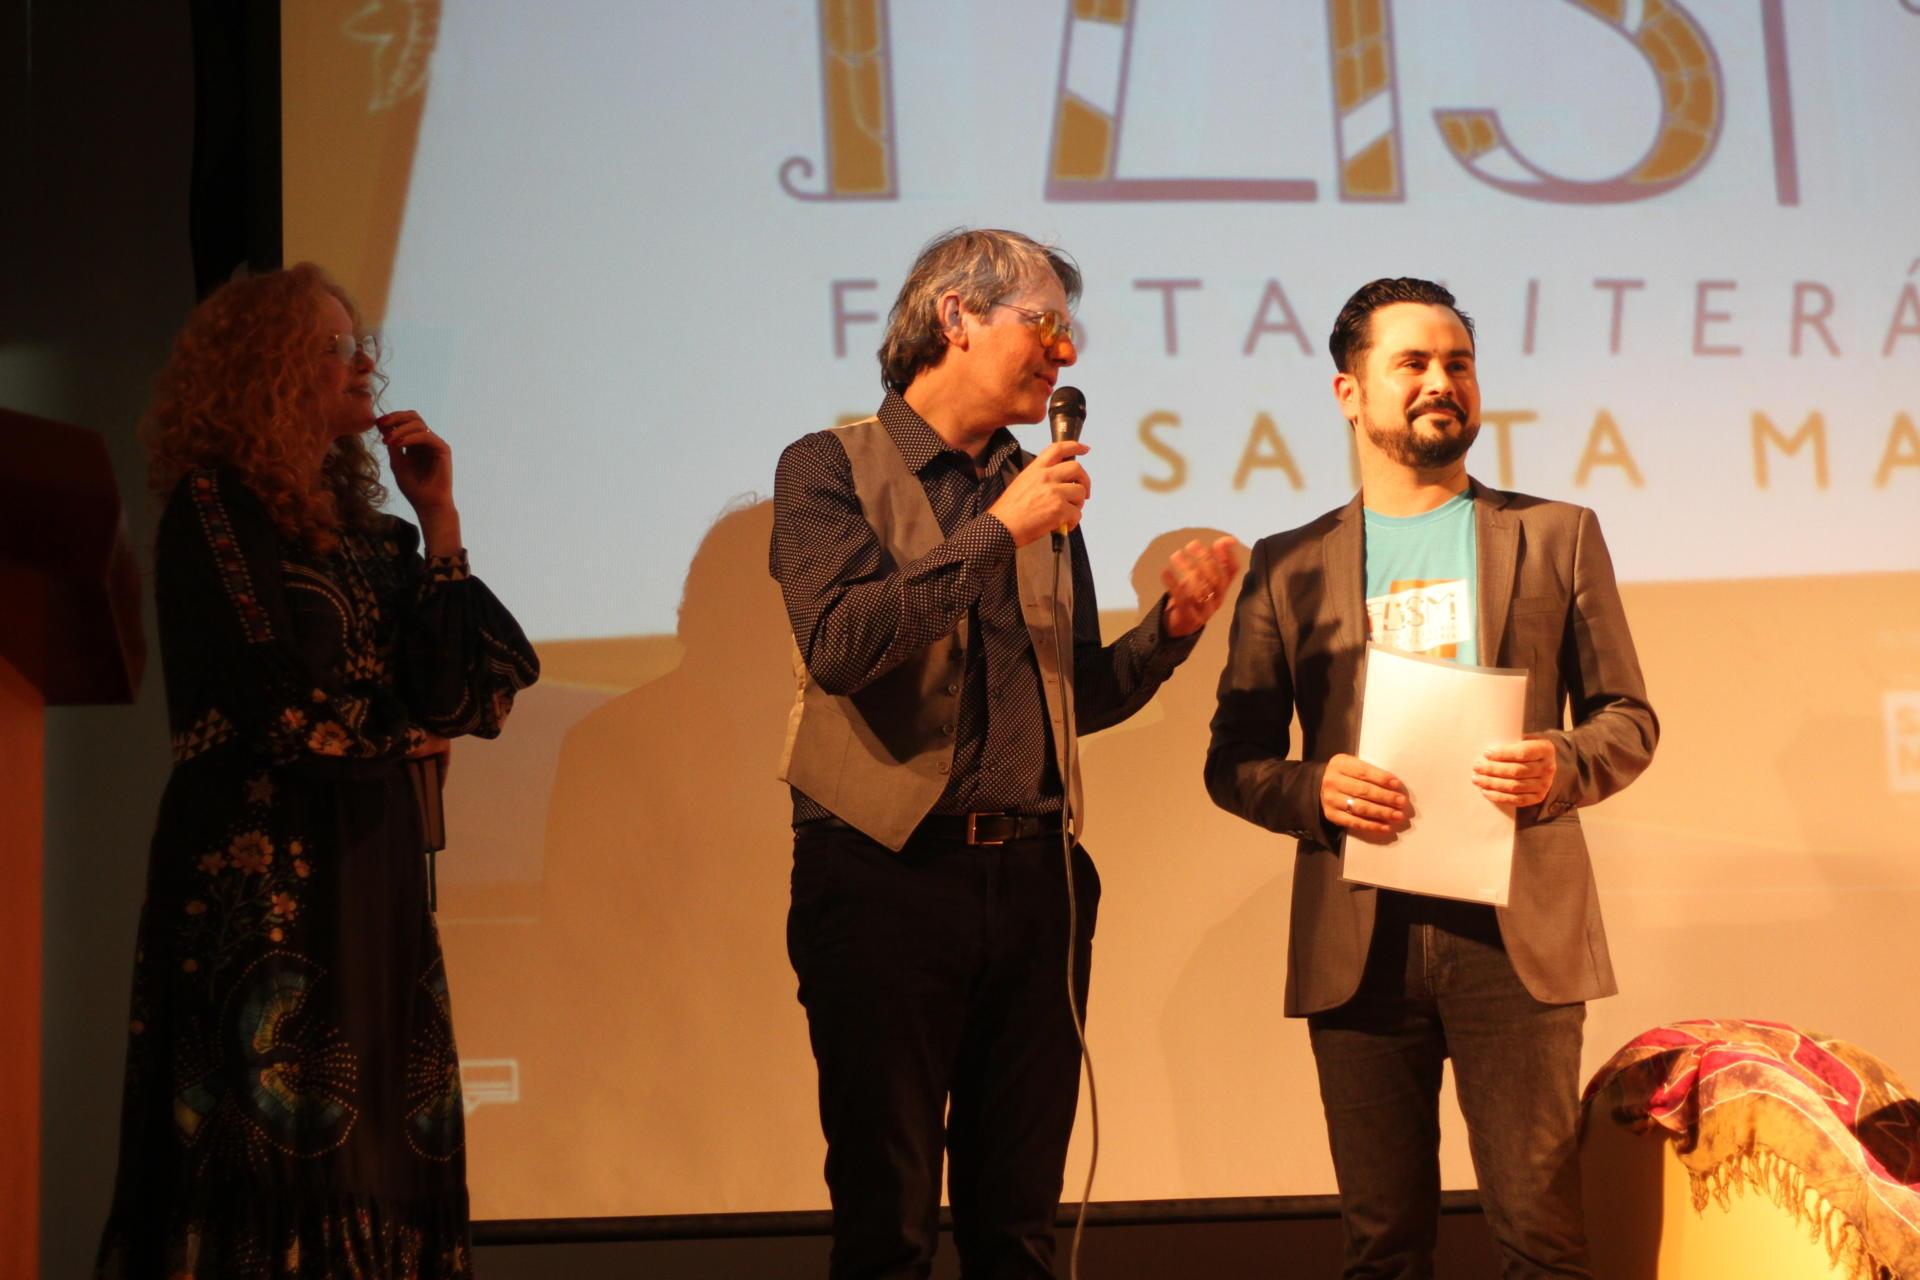 Foto colorida horizontal mostra em primeiro plano os três professores no palco do evento, com iluminação reduzida em tons amarelos, um deles fala ao microfone